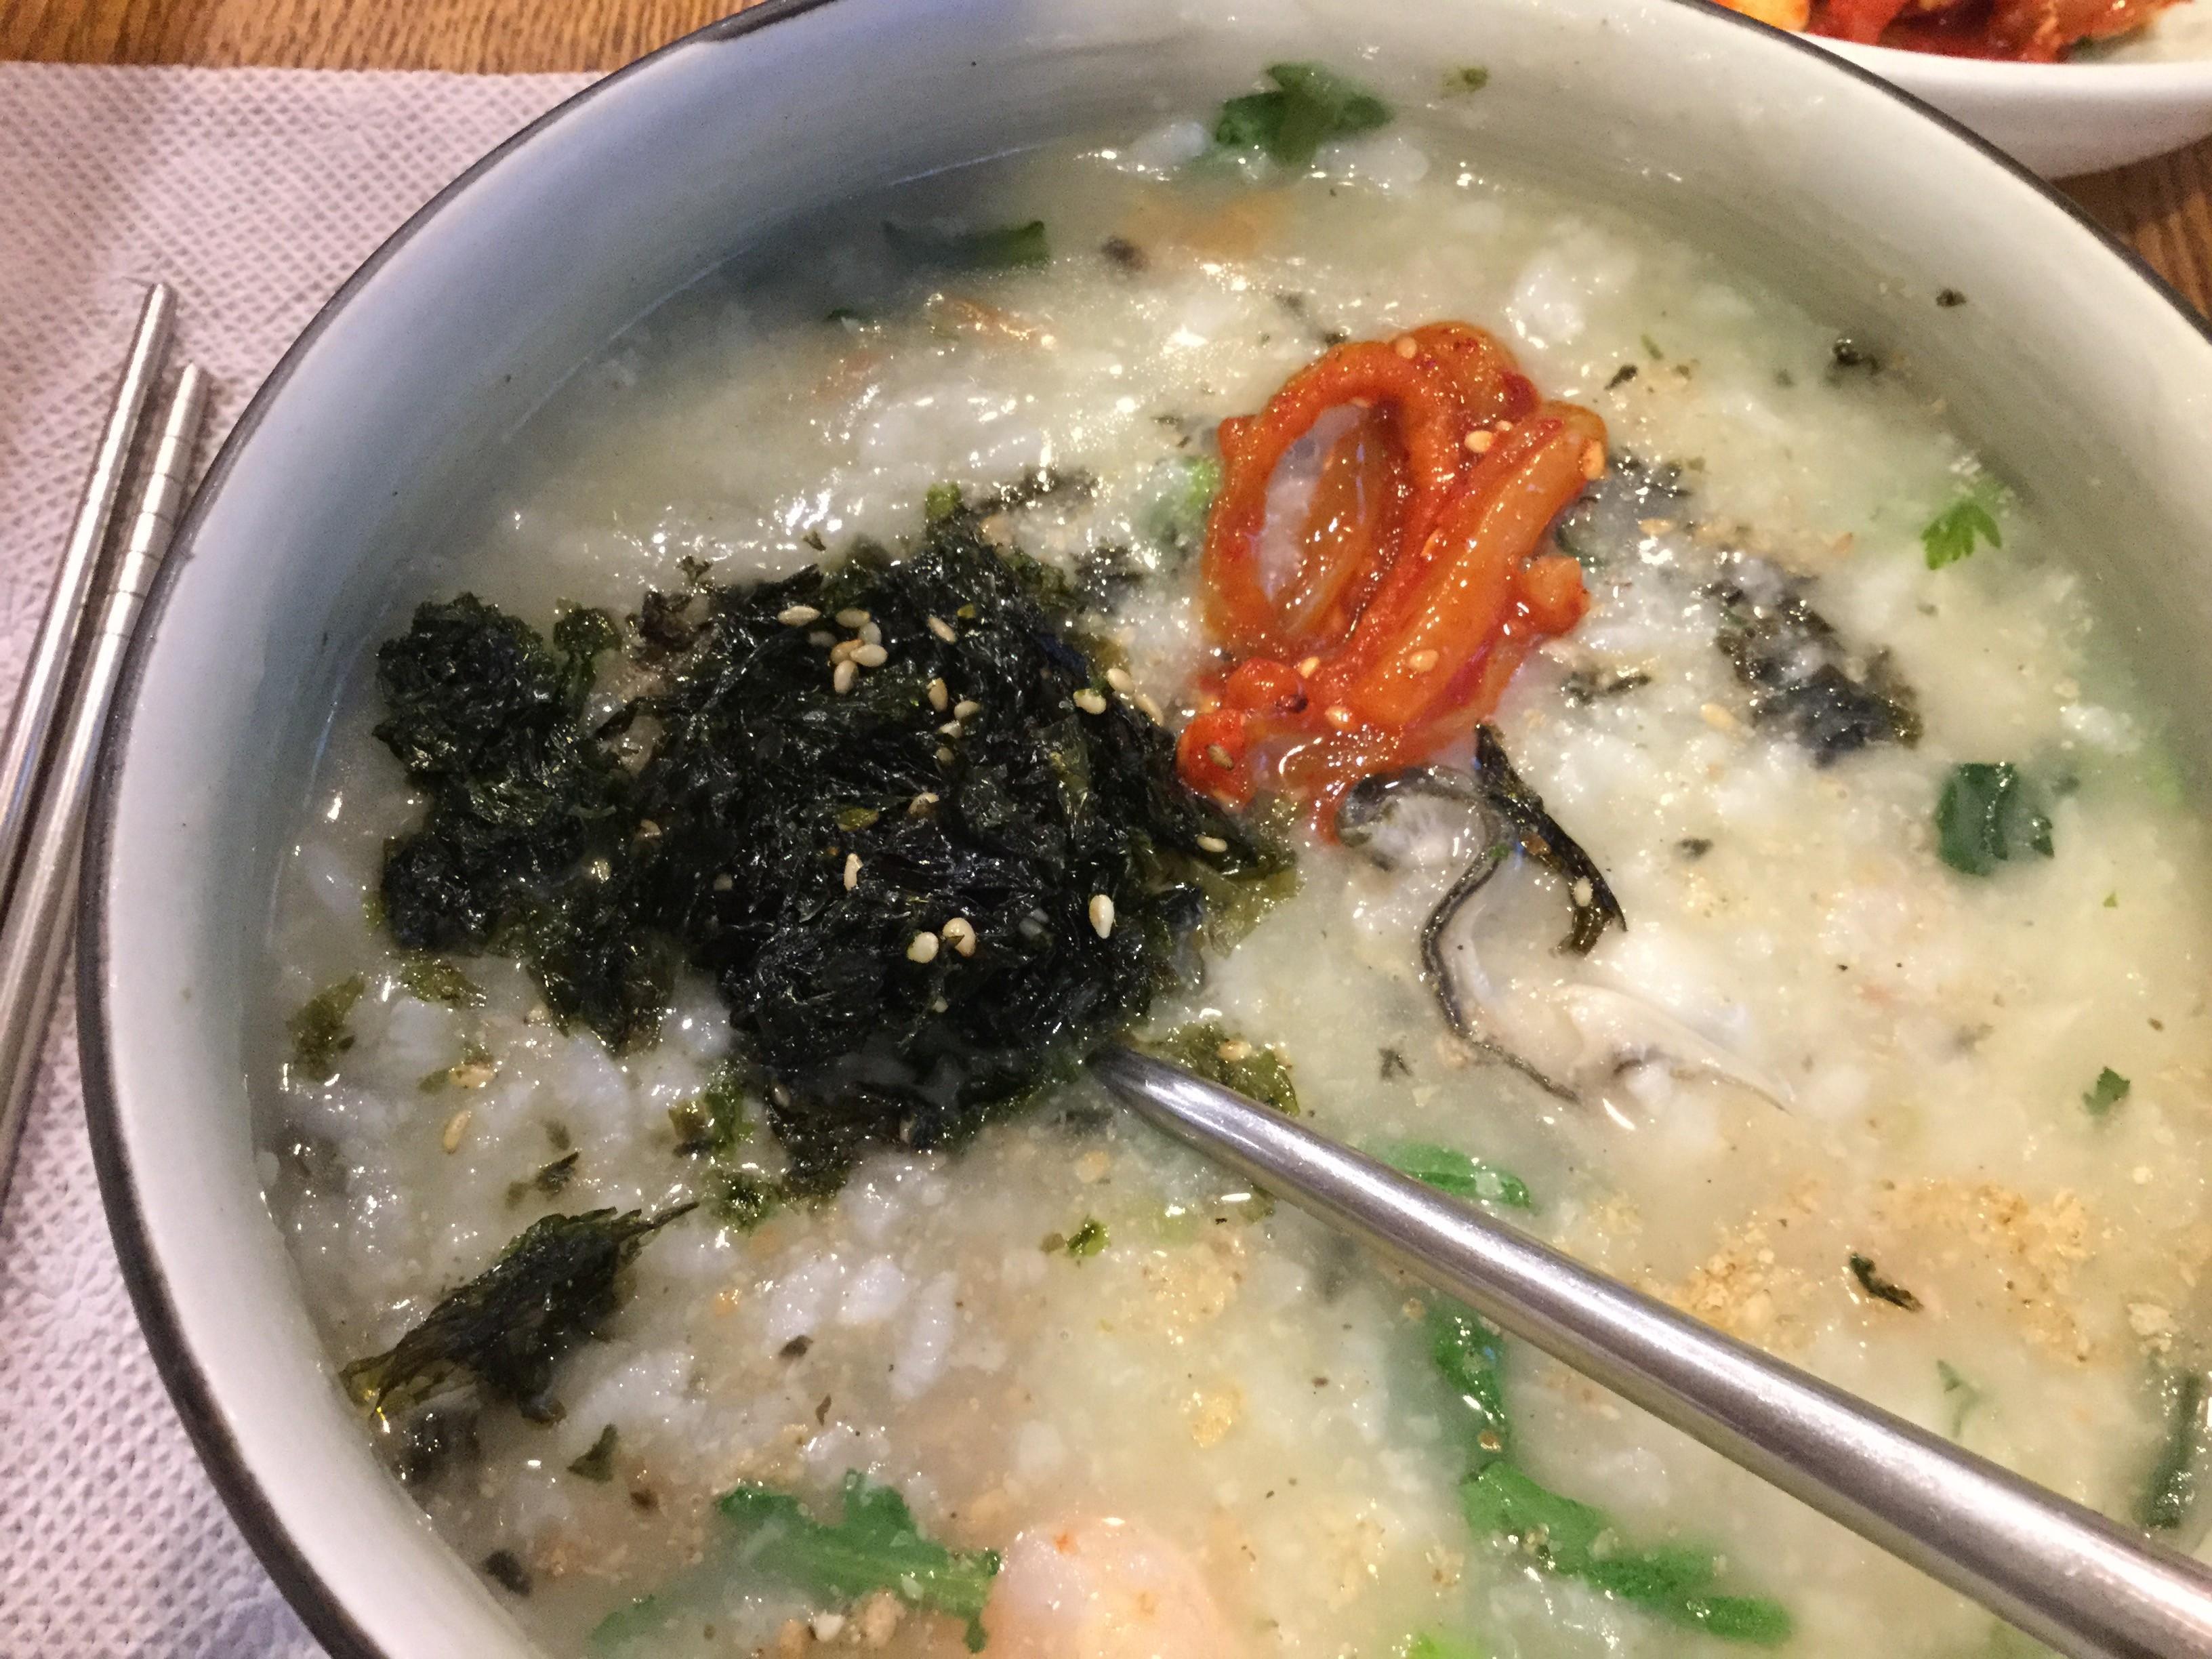 【明洞栄養粥】の海鮮粥には海老や牡蠣がいっぱい